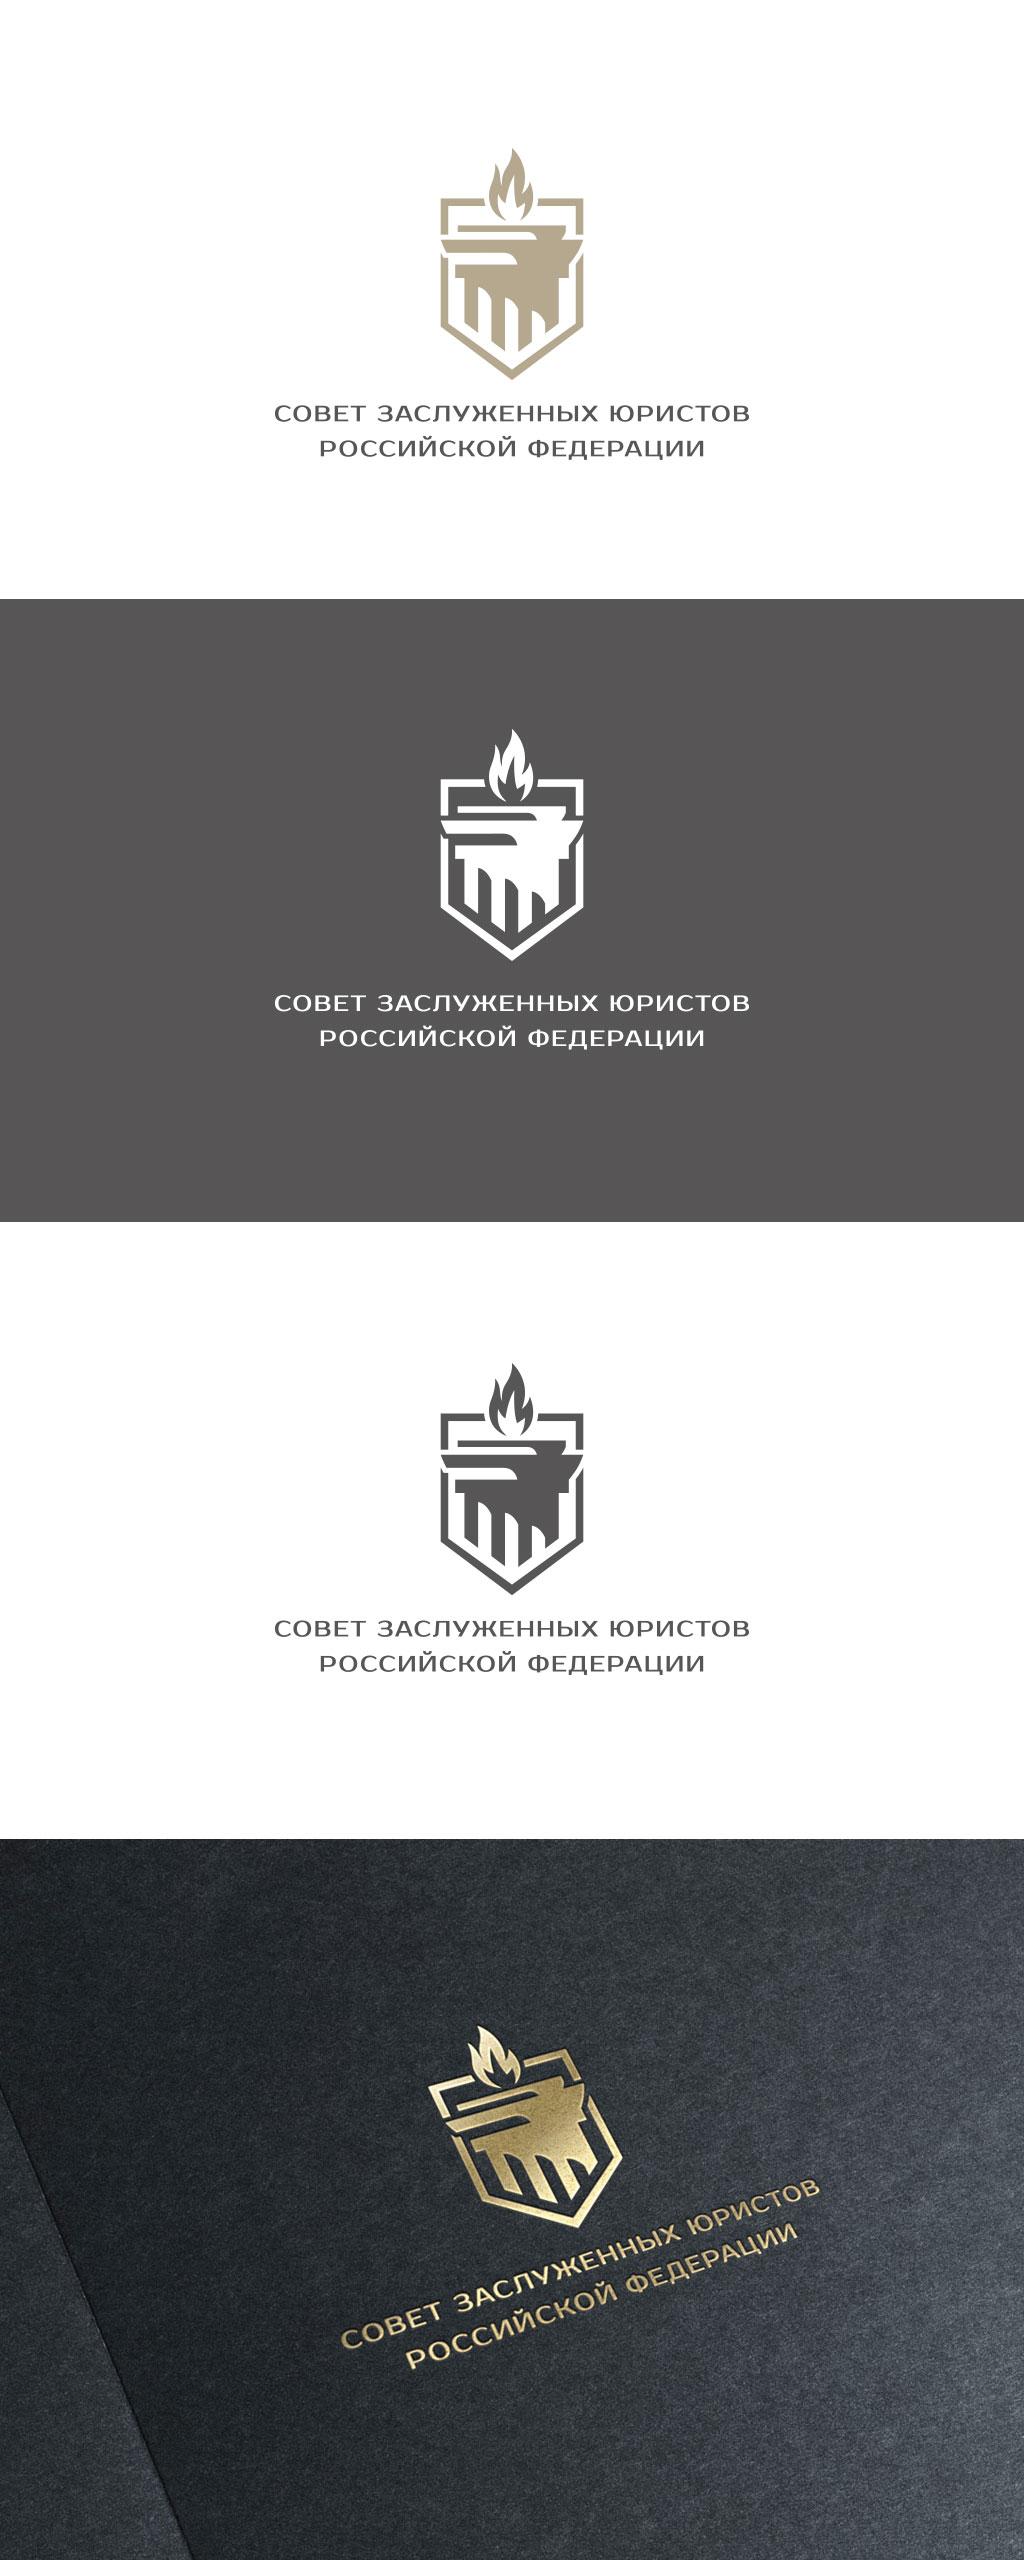 Разработка логотипа Совета (Клуба) заслуженных юристов Российской Федерации фото f_0275e4d8c0cb9d00.jpg